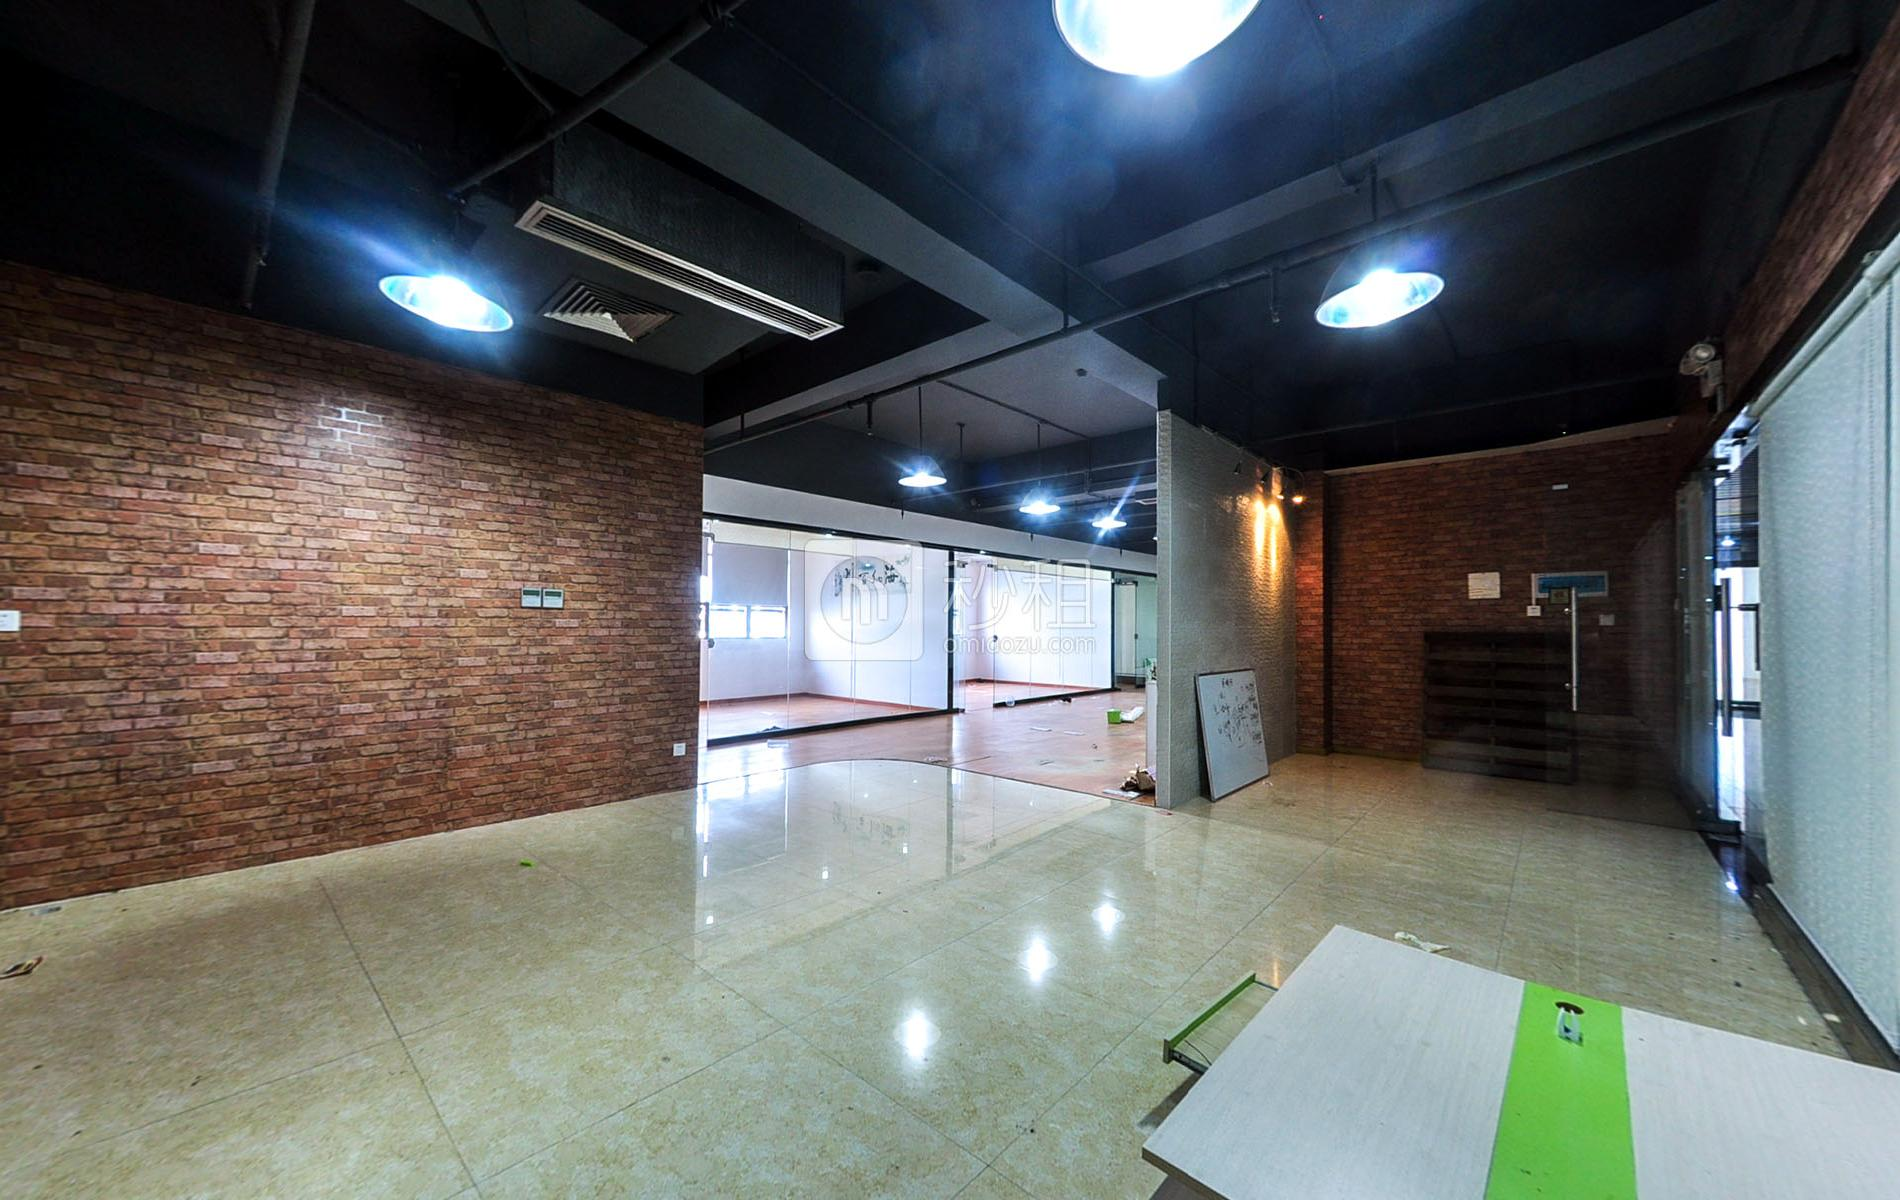 宝安-西乡 宝运达物流信息大厦 243m²